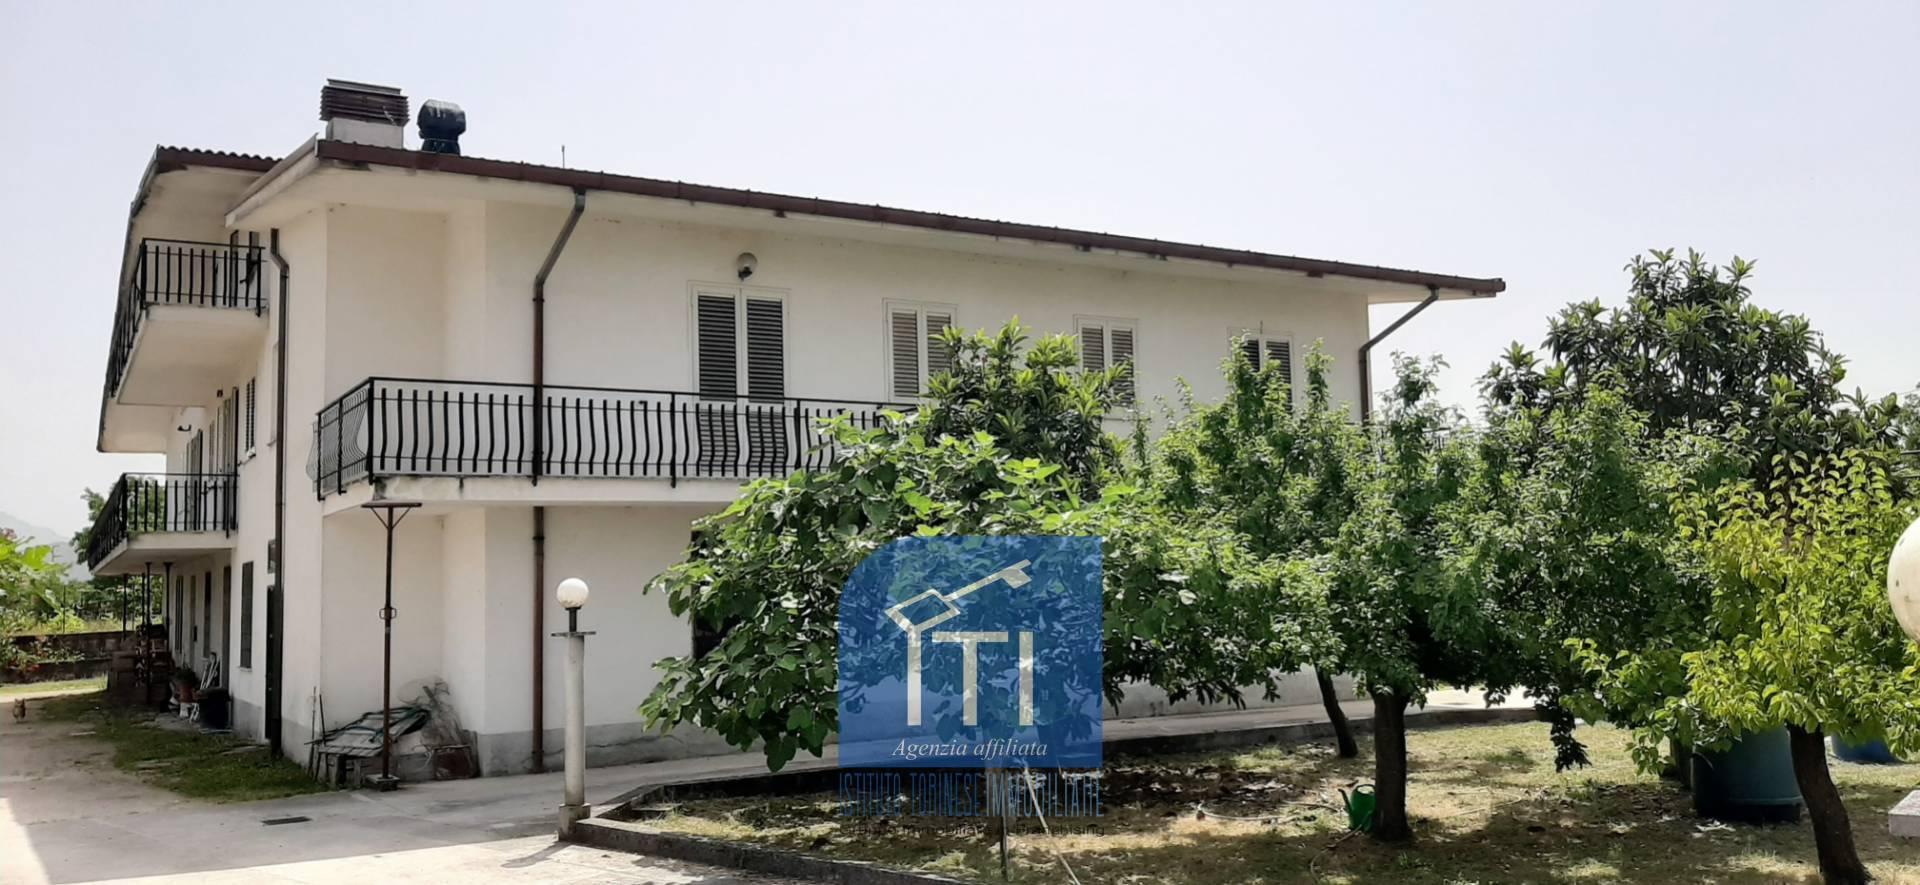 Soluzione Indipendente in vendita a Cassino, 13 locali, zona Località: S.AngeloinTheodice, prezzo € 280.000   CambioCasa.it